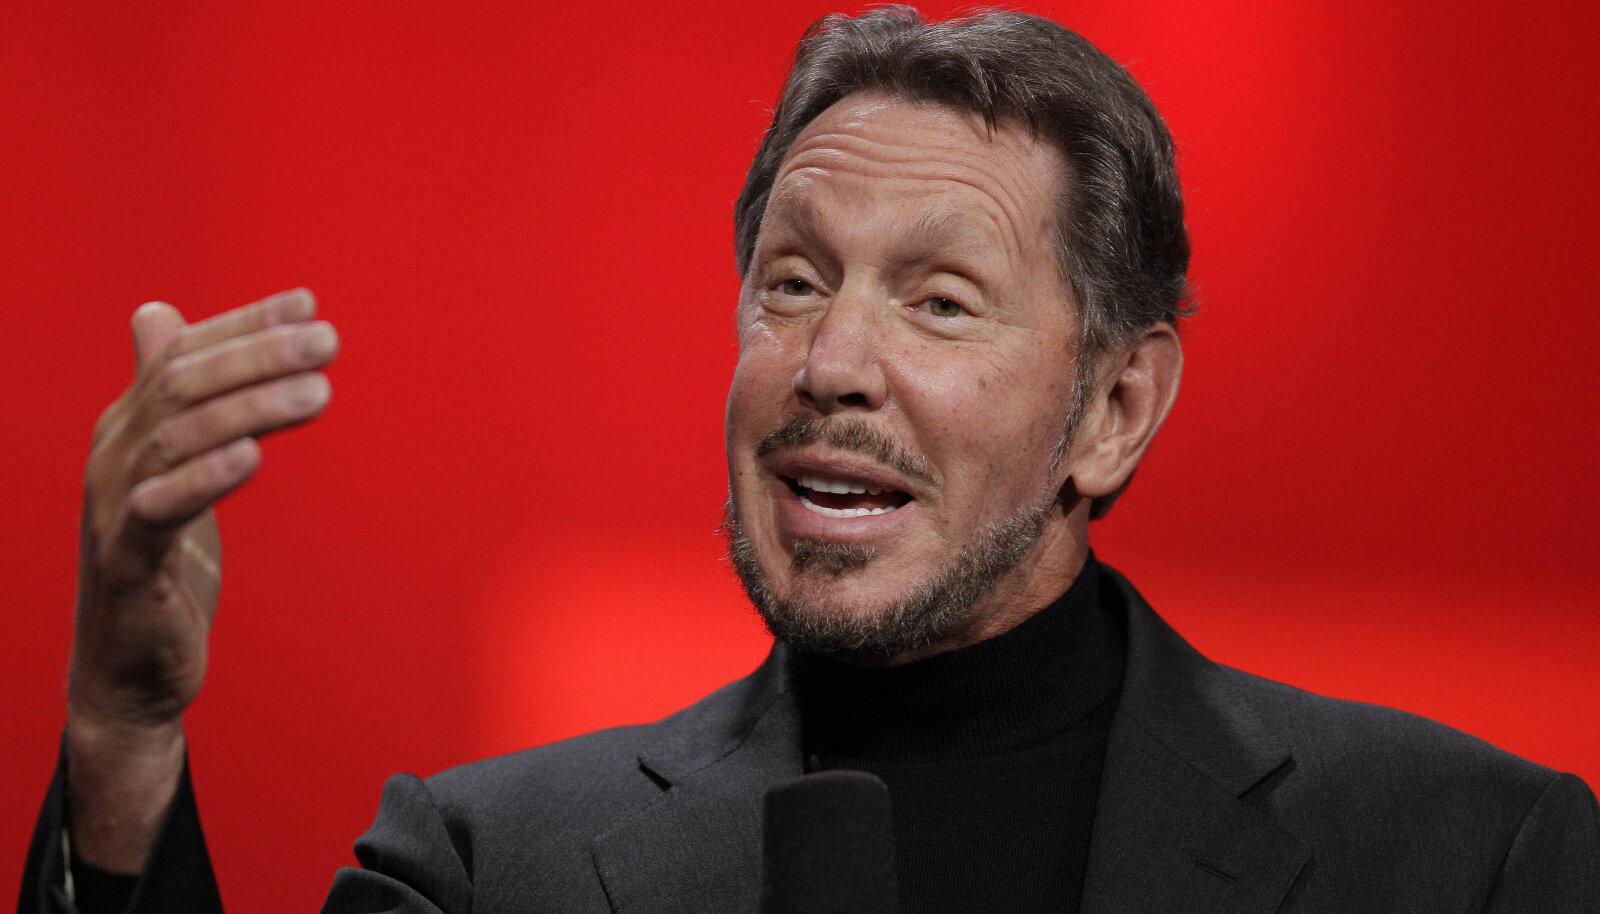 Oracle juht Larry Ellison on arendanud kümmekond aastat Lanai saart. Nüüd asub ta sinna alaliselt elama.